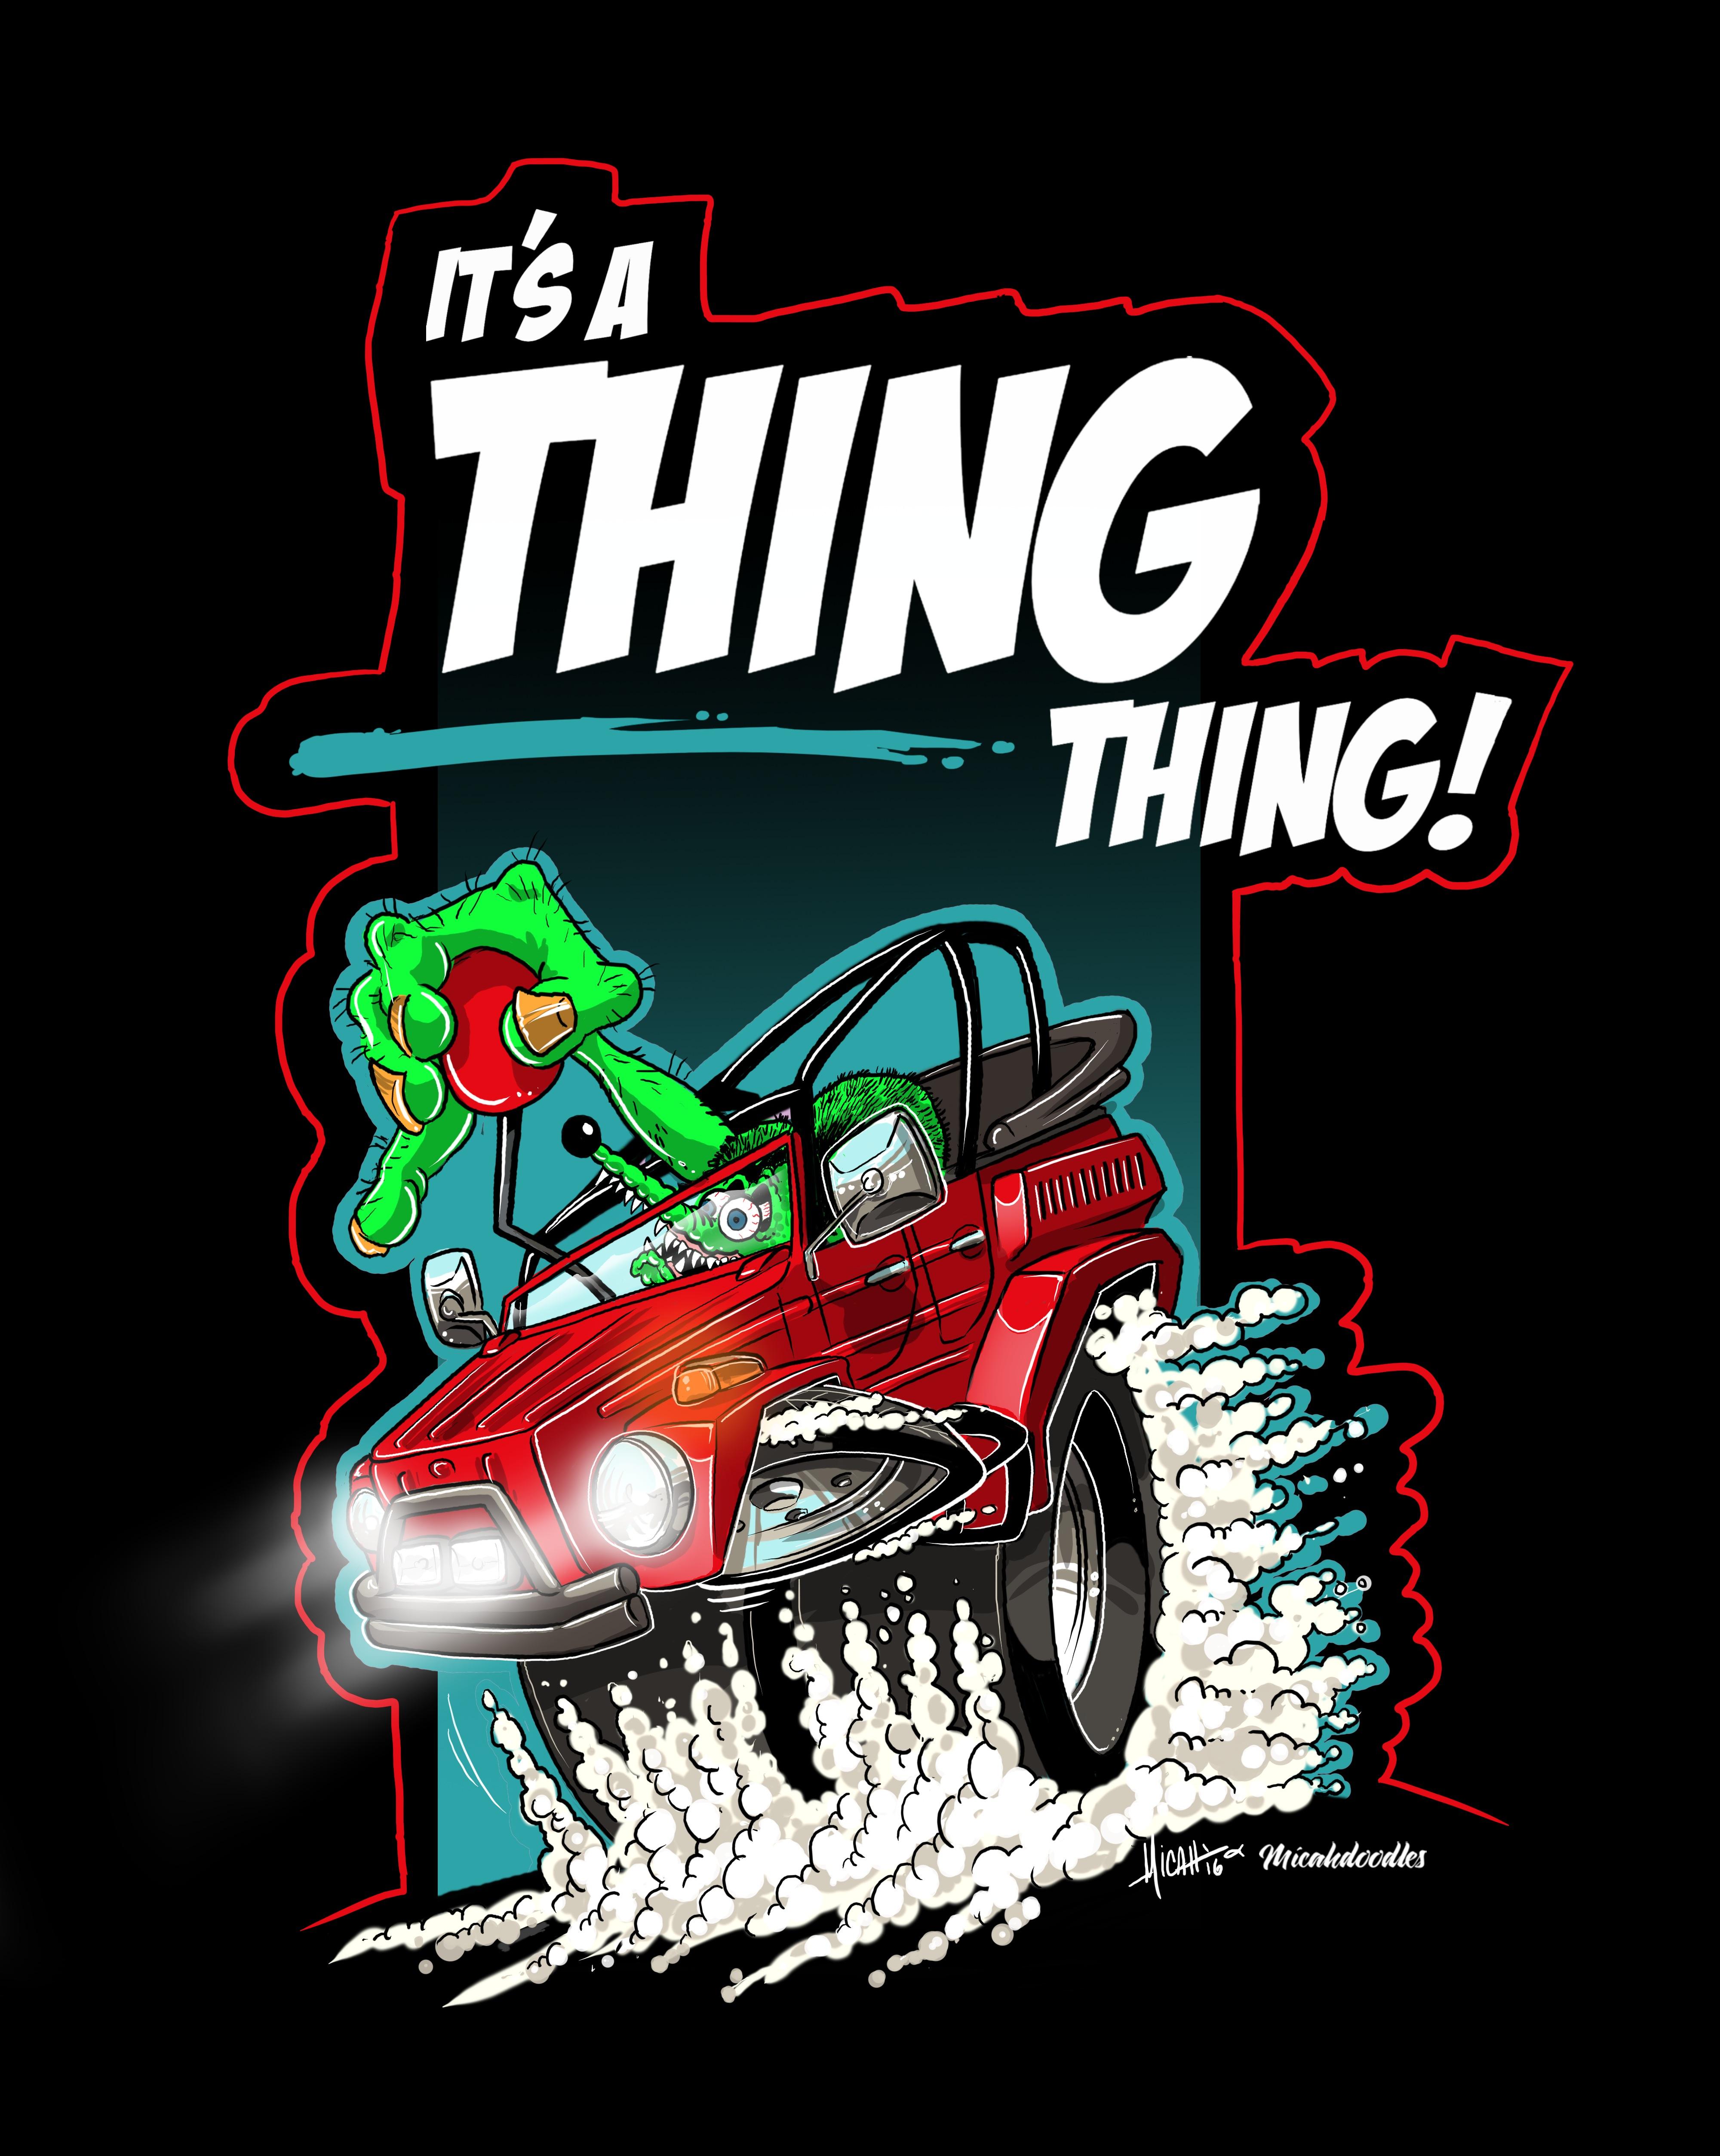 THING -tshirt